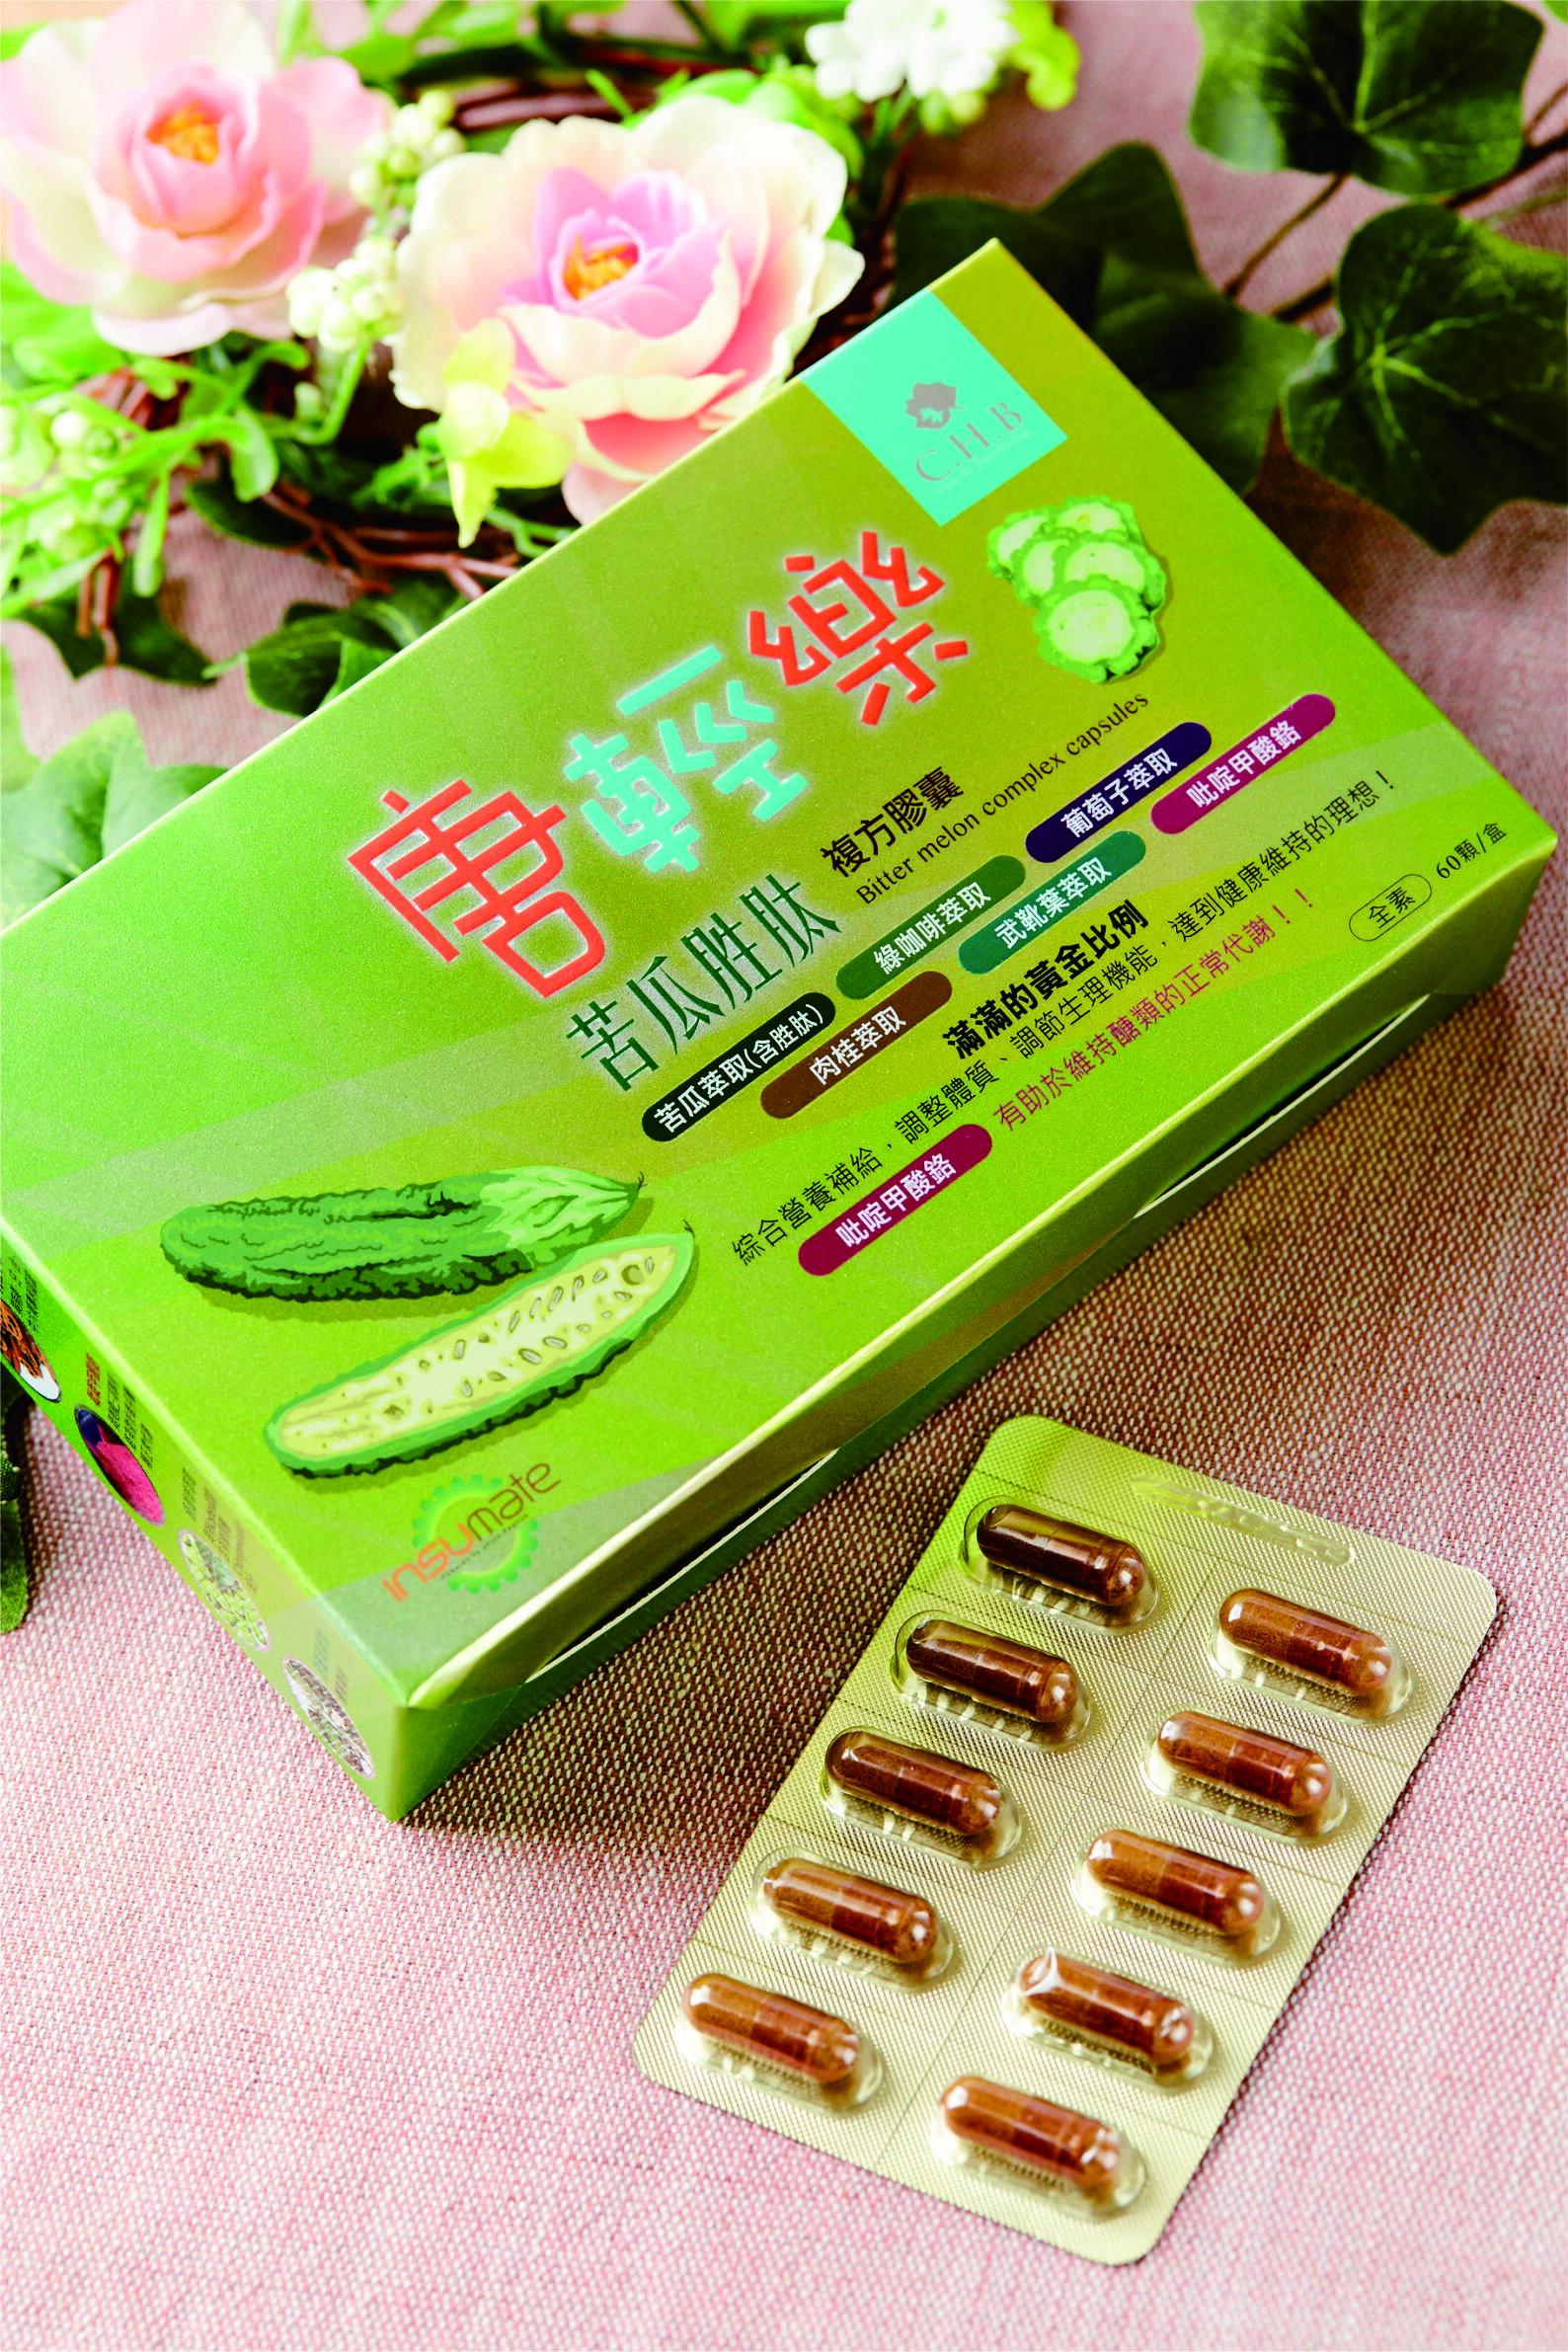 【唐輕樂】膠囊食品(60顆/盒) 苦瓜胜肽 複方膠囊 綜合營養補給